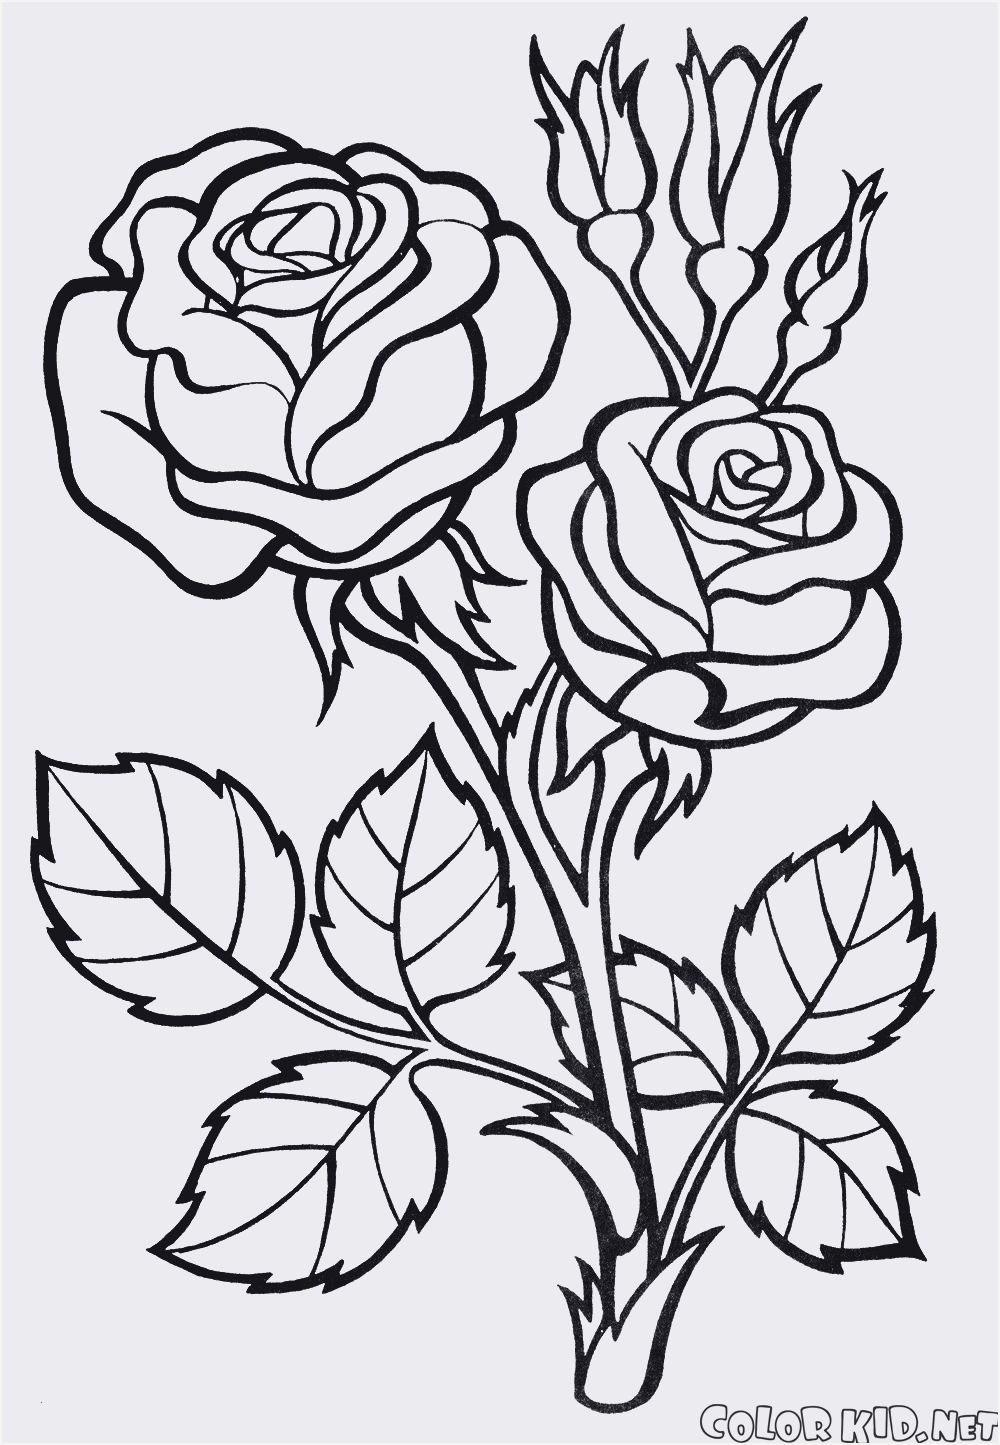 Rosen Zum Ausmalen Frisch Rose Ausmalbilder Einzigartig 32 Malvorlagen Blumen Rosen Bilder